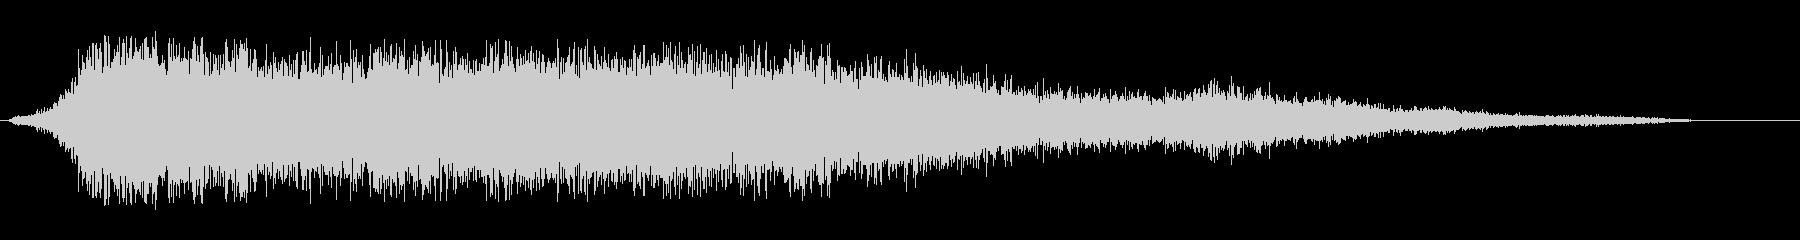 波の音もしくはラジオのチャンネルの音の未再生の波形